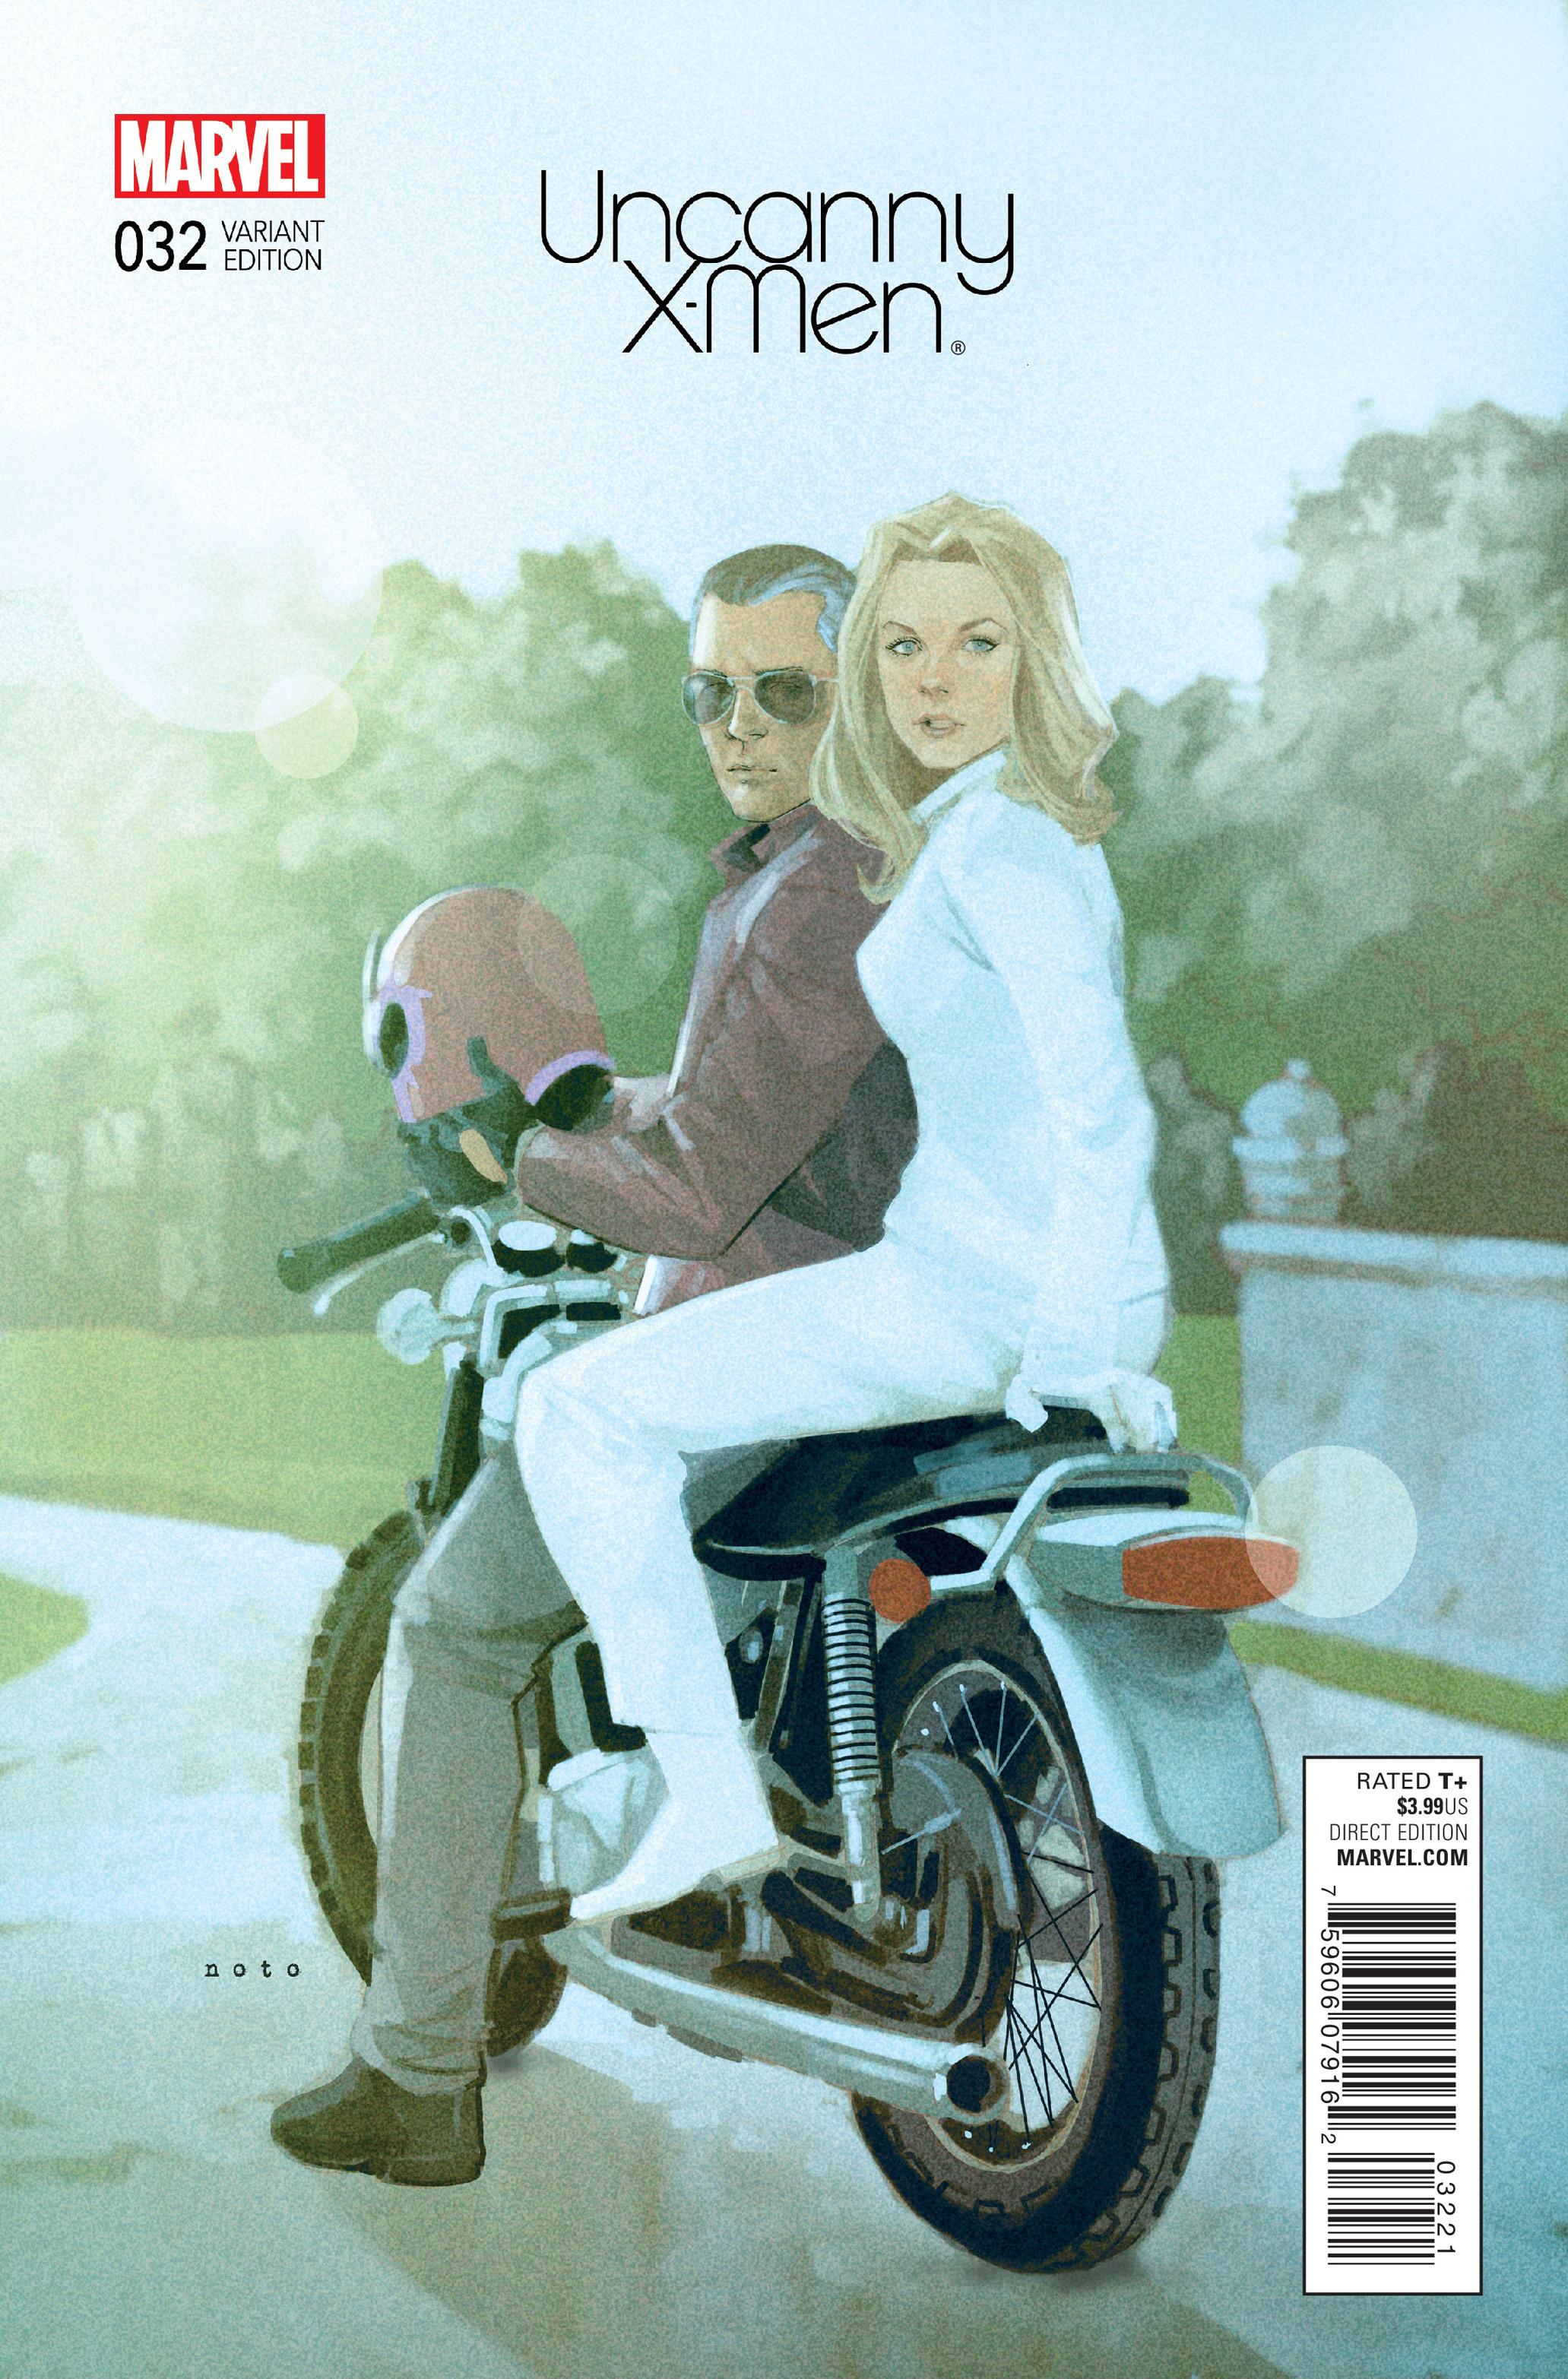 Read online Uncanny X-Men (2013) comic -  Issue #32 - 2